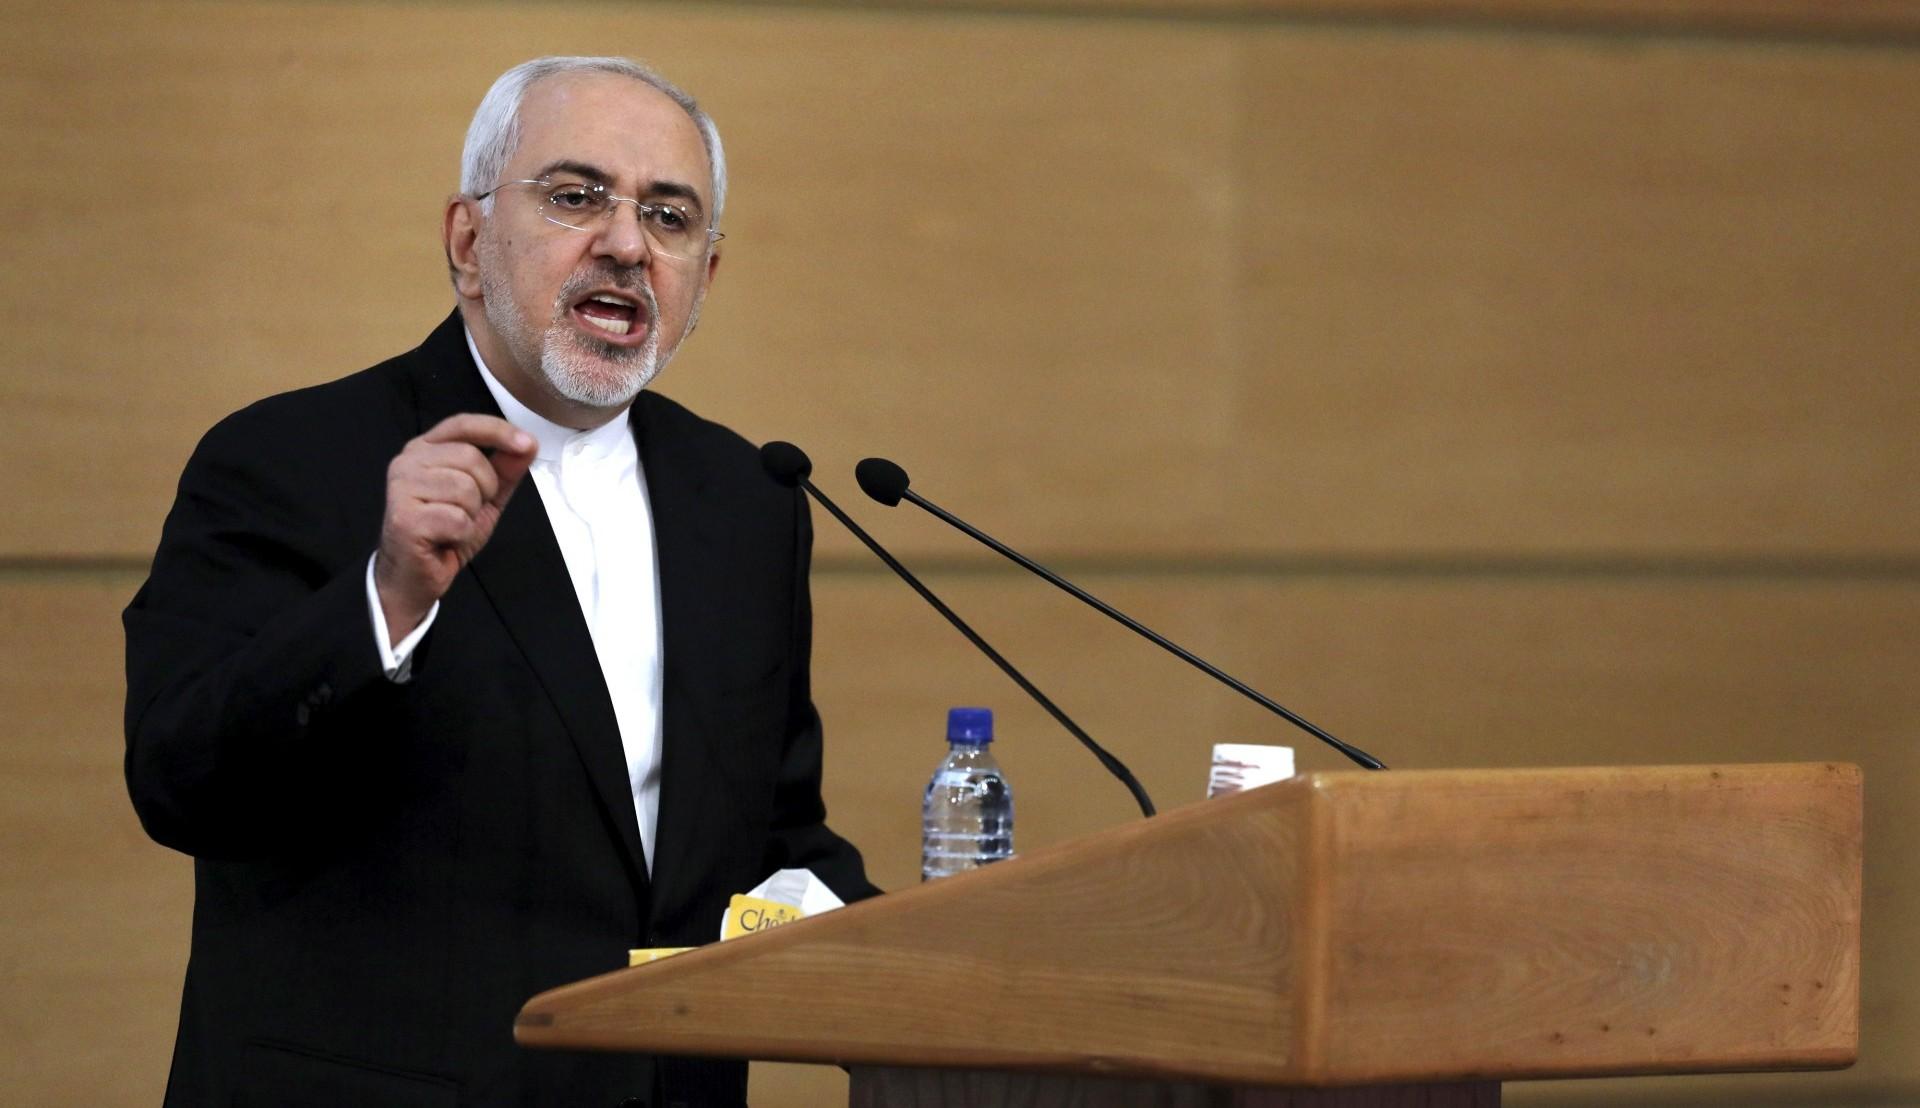 El CSW cuestionó la visita del canciller iraní, Mohammad Javad Zarif, a Uruguay y Brasil